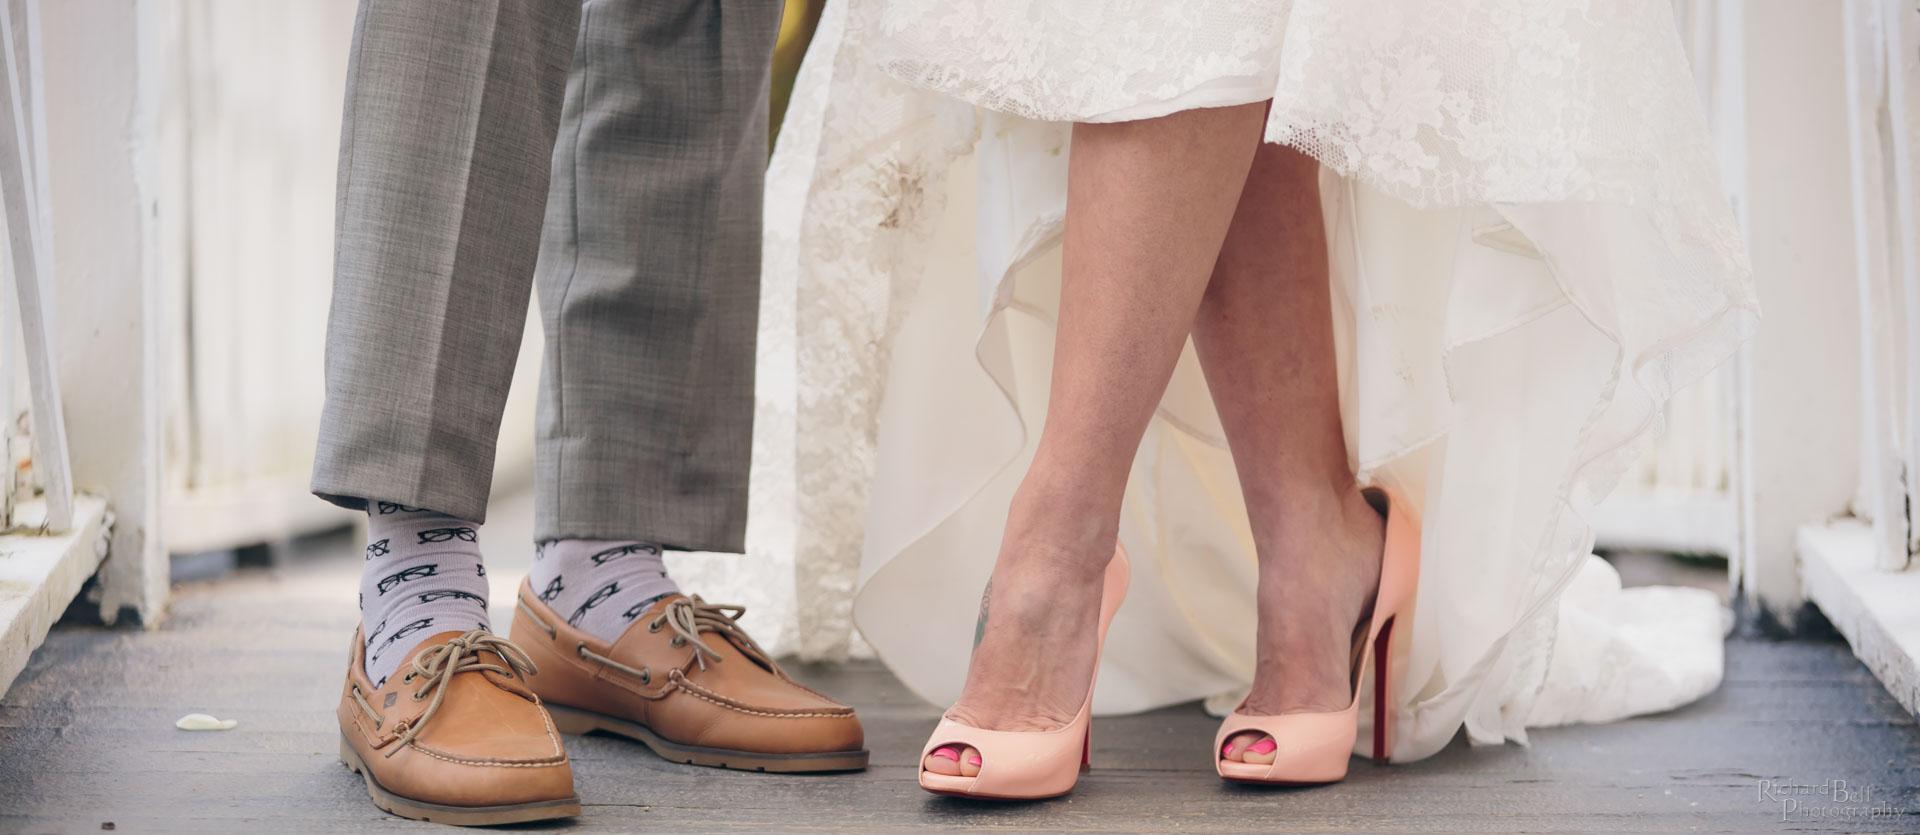 Feet on bridge